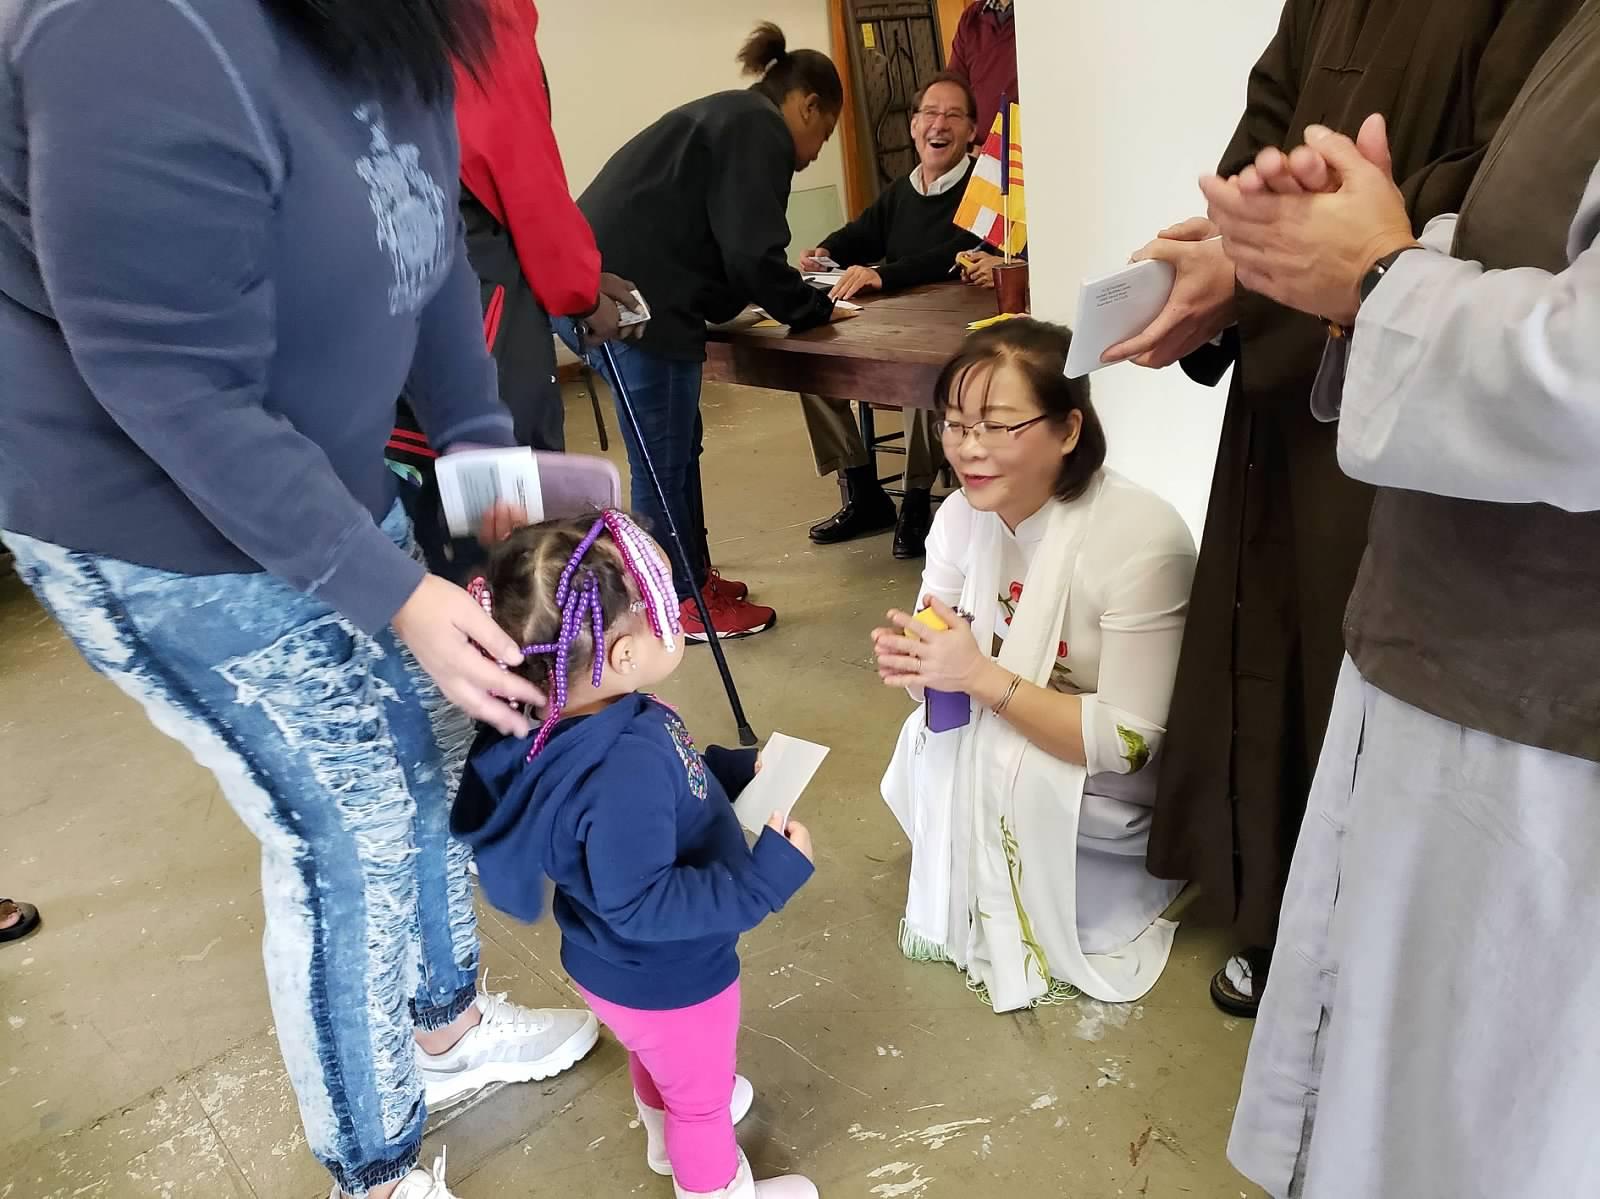 2018.10.26-Florence-Relief-NCarolina-11a